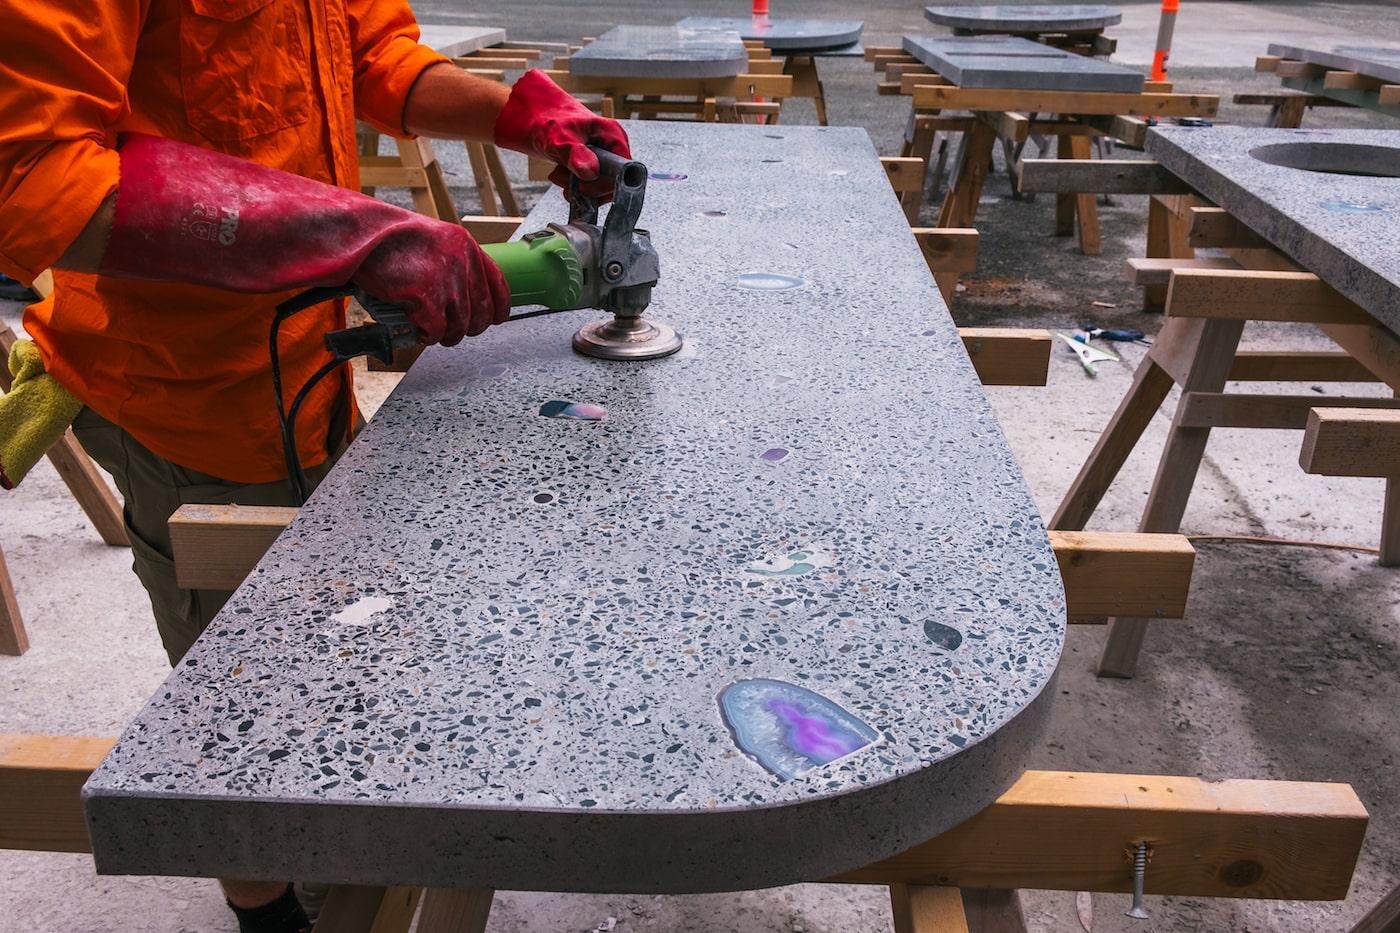 Sanding concrete table top